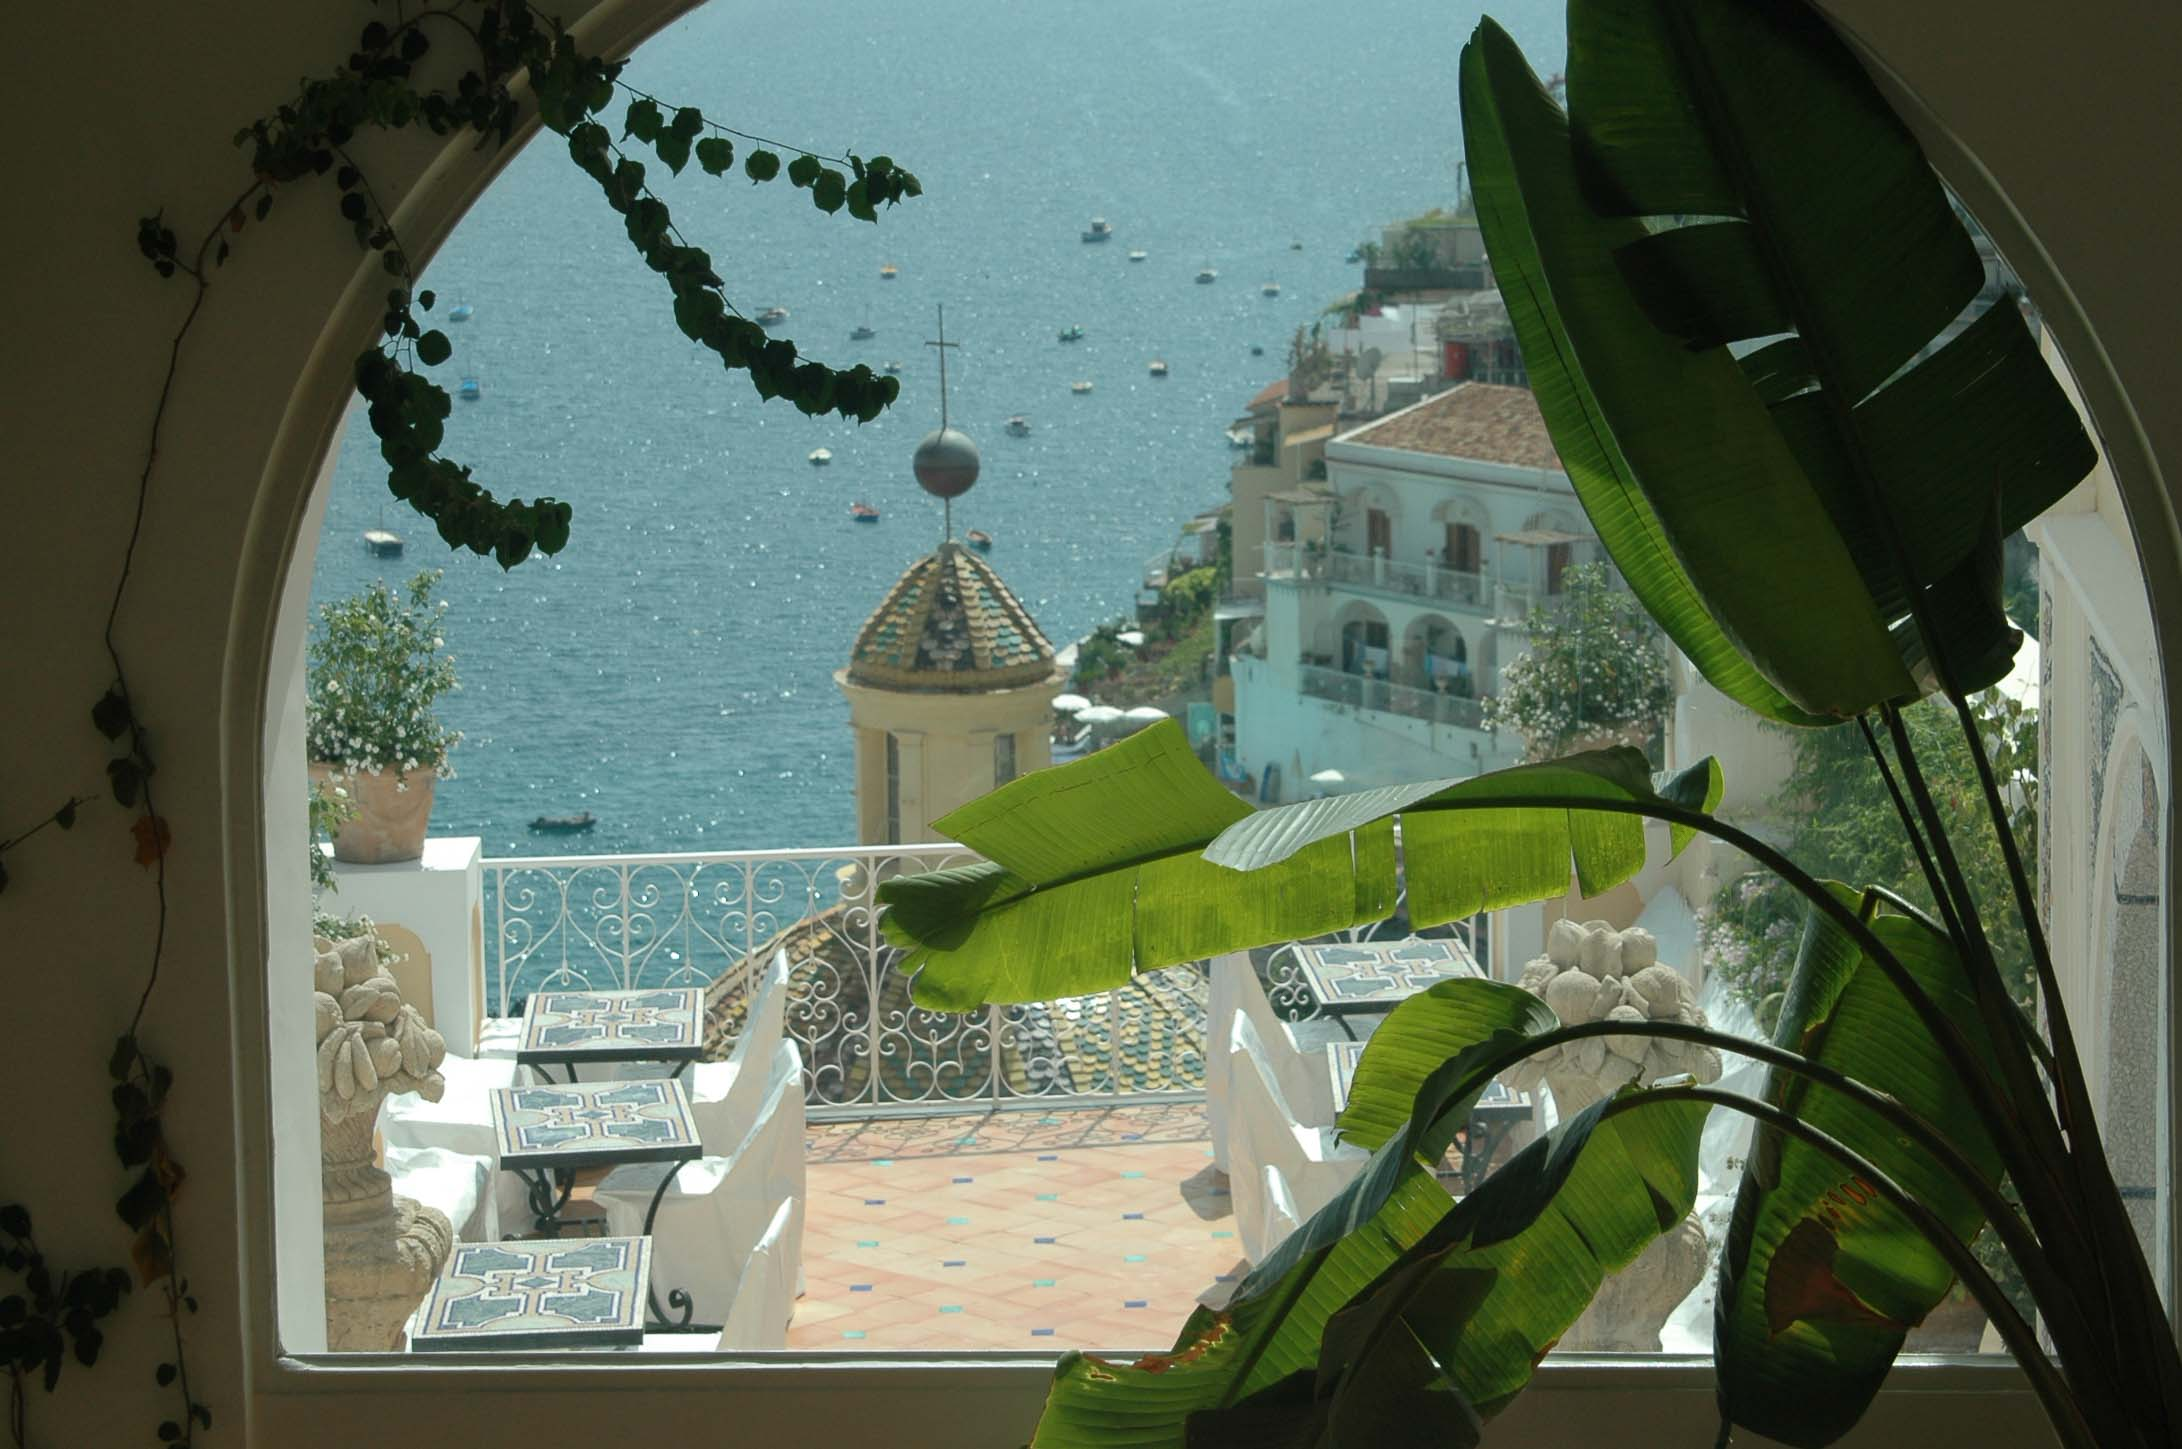 Positano, Italy 2005 (M)